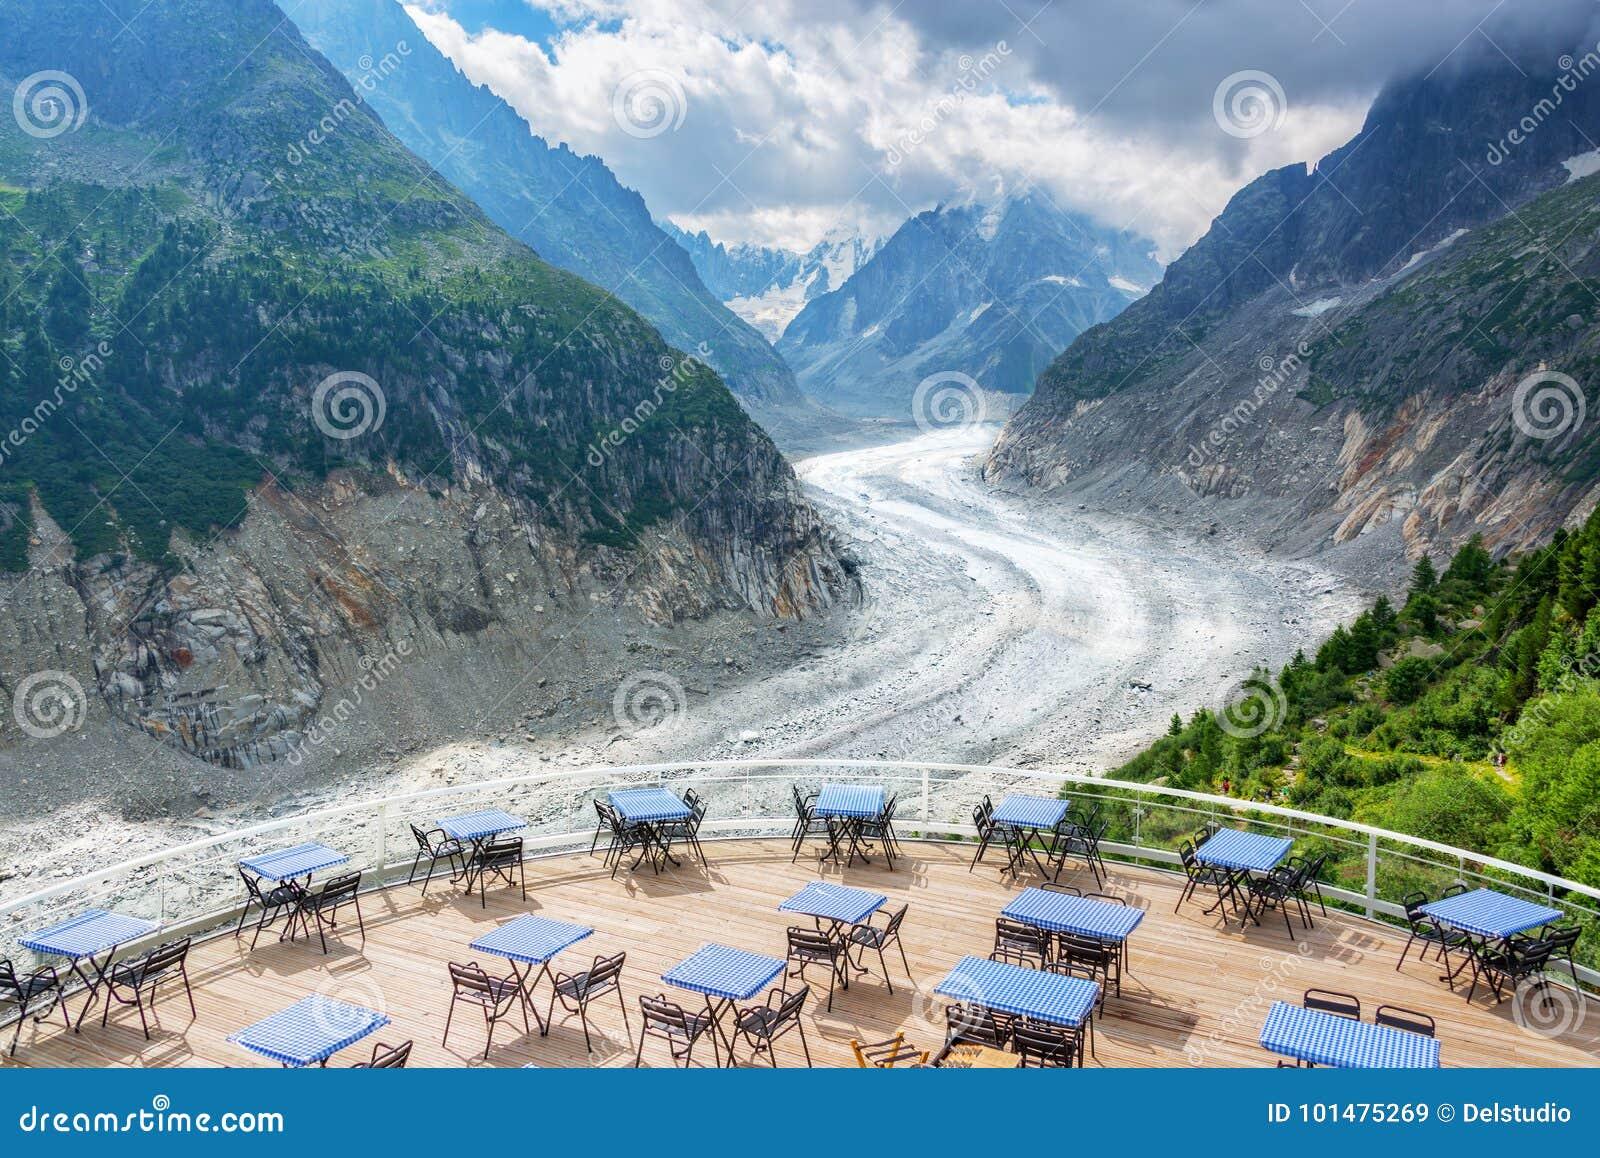 Panoramisch koffieterras met mening over gletsjer Mer DE Glace, in Chamonix Mont Blanc Massif, de Alpen Frankrijk